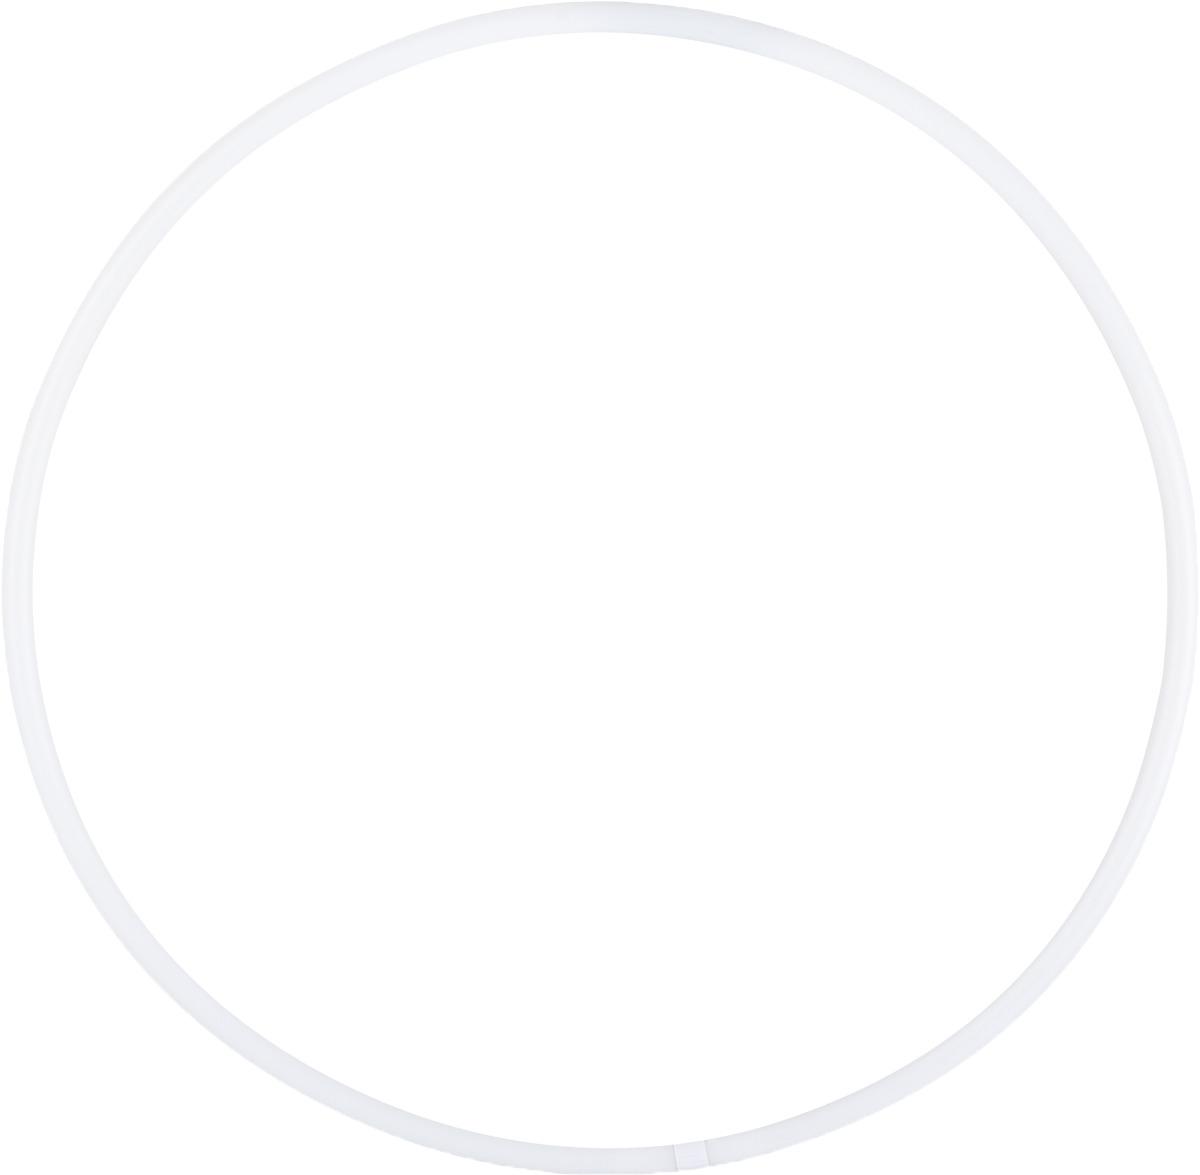 Обруч для х/г 90 см Amely AGO-101, белый сумка чехол для обруча indigo цвет салатовый диаметр 60 х 90 см